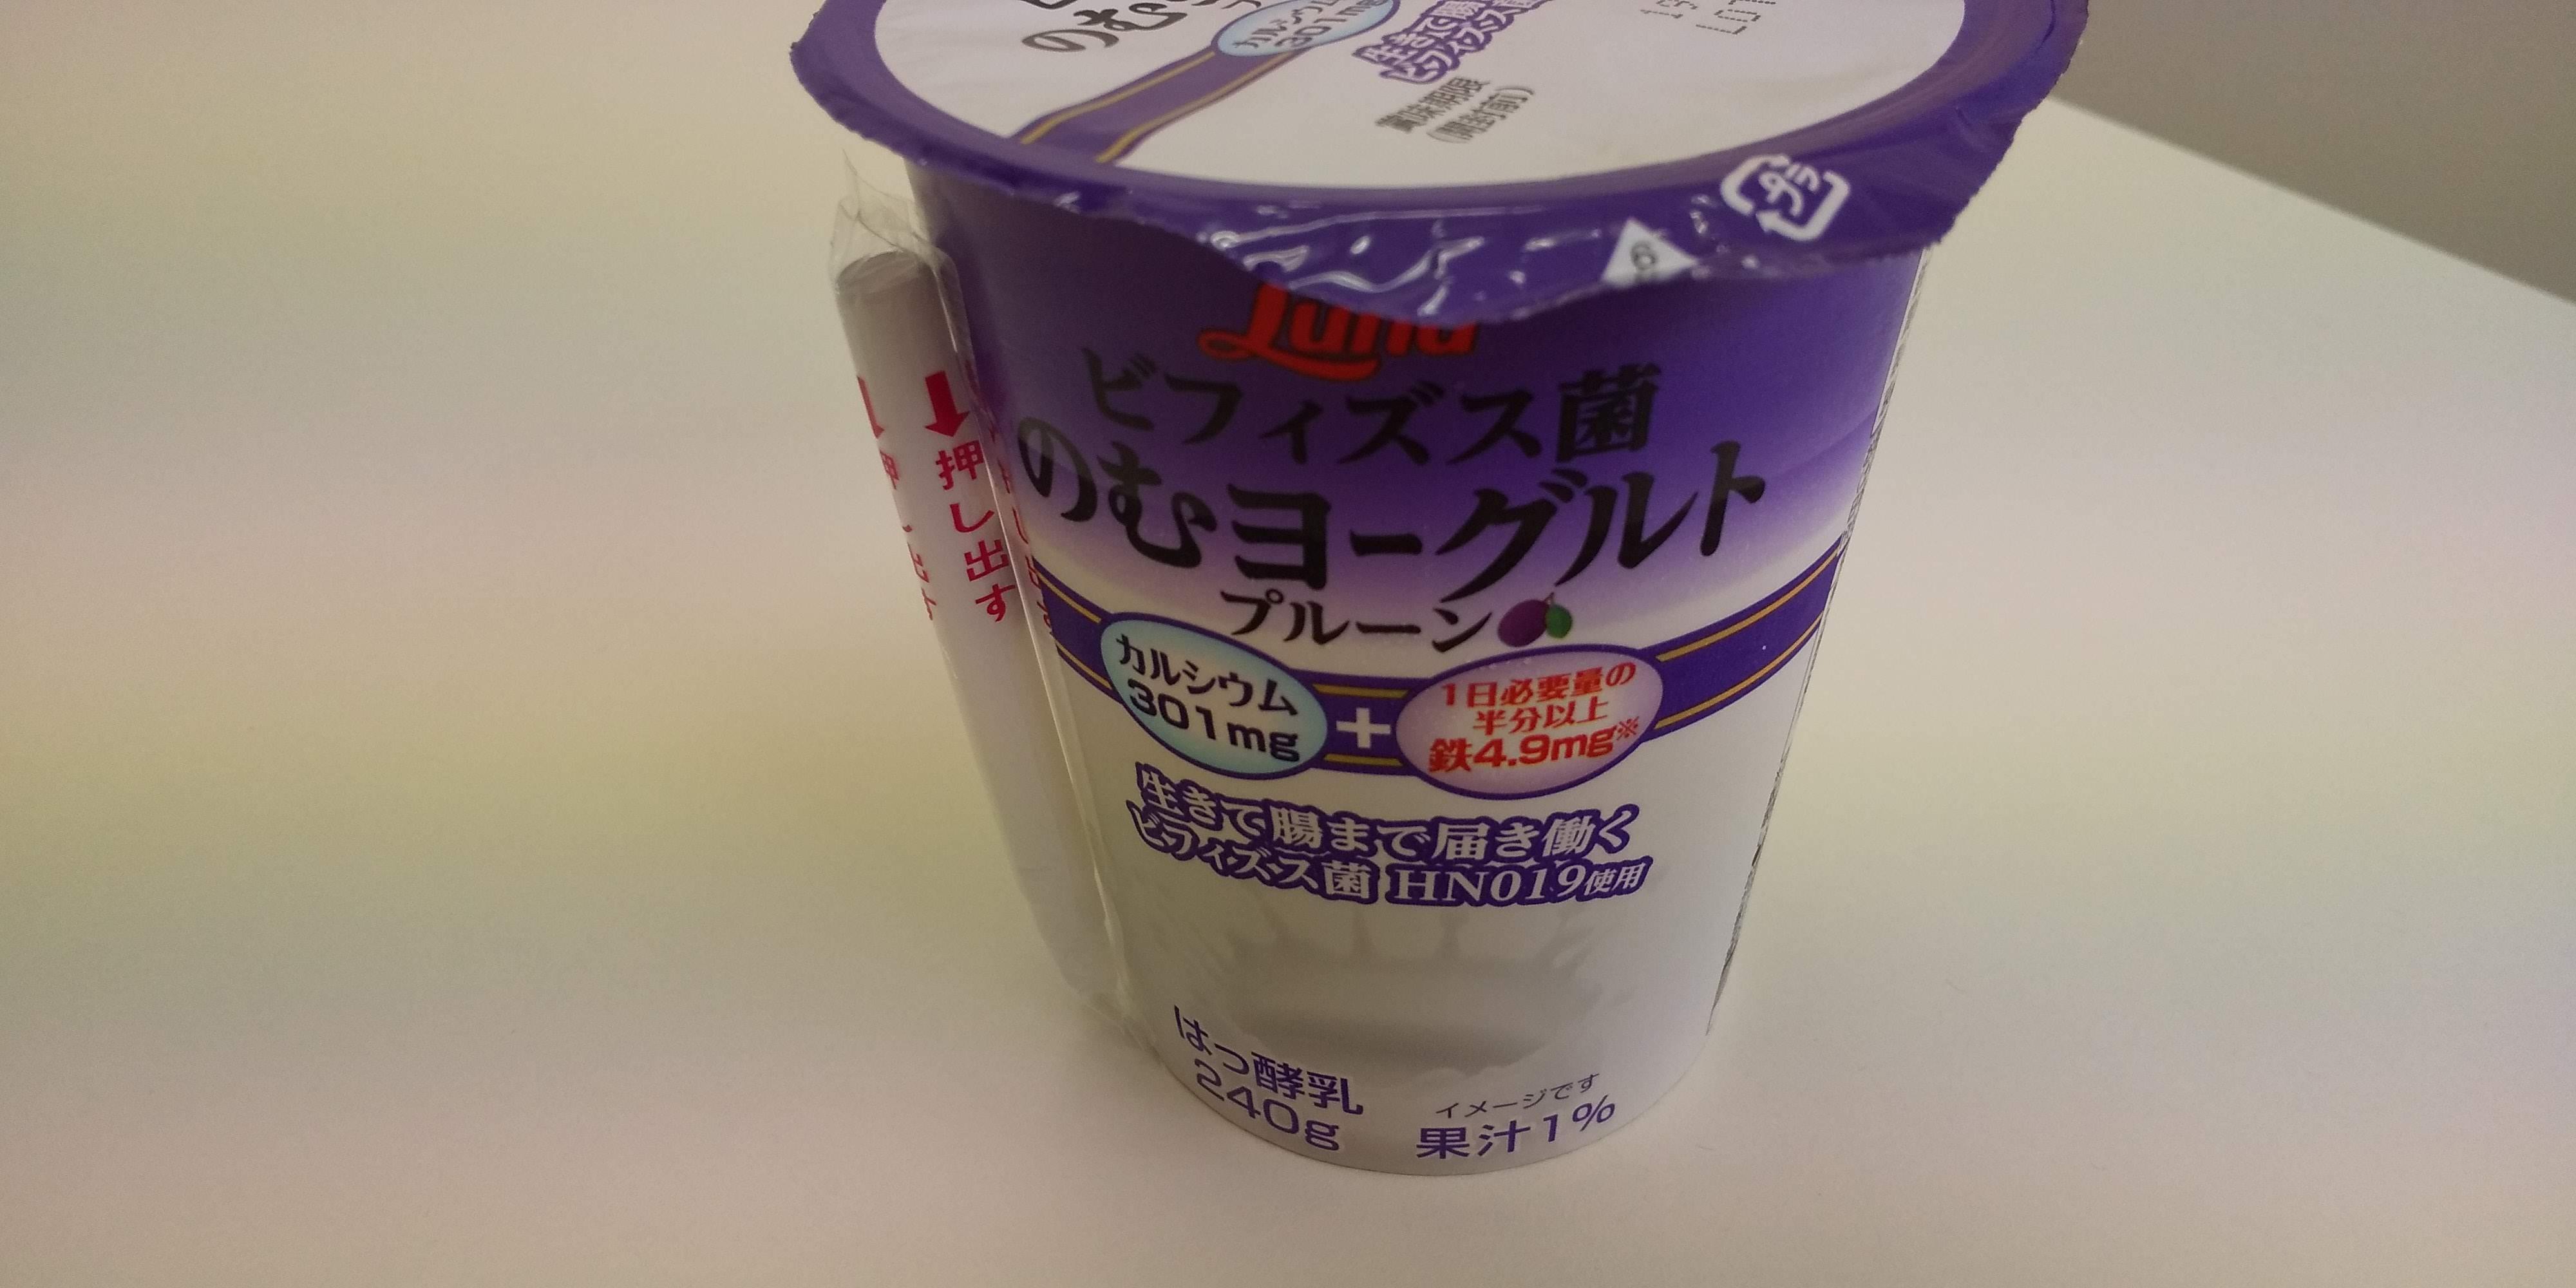 日本ルナ「ビフィズス菌のむヨーグルトプレーン」の画像